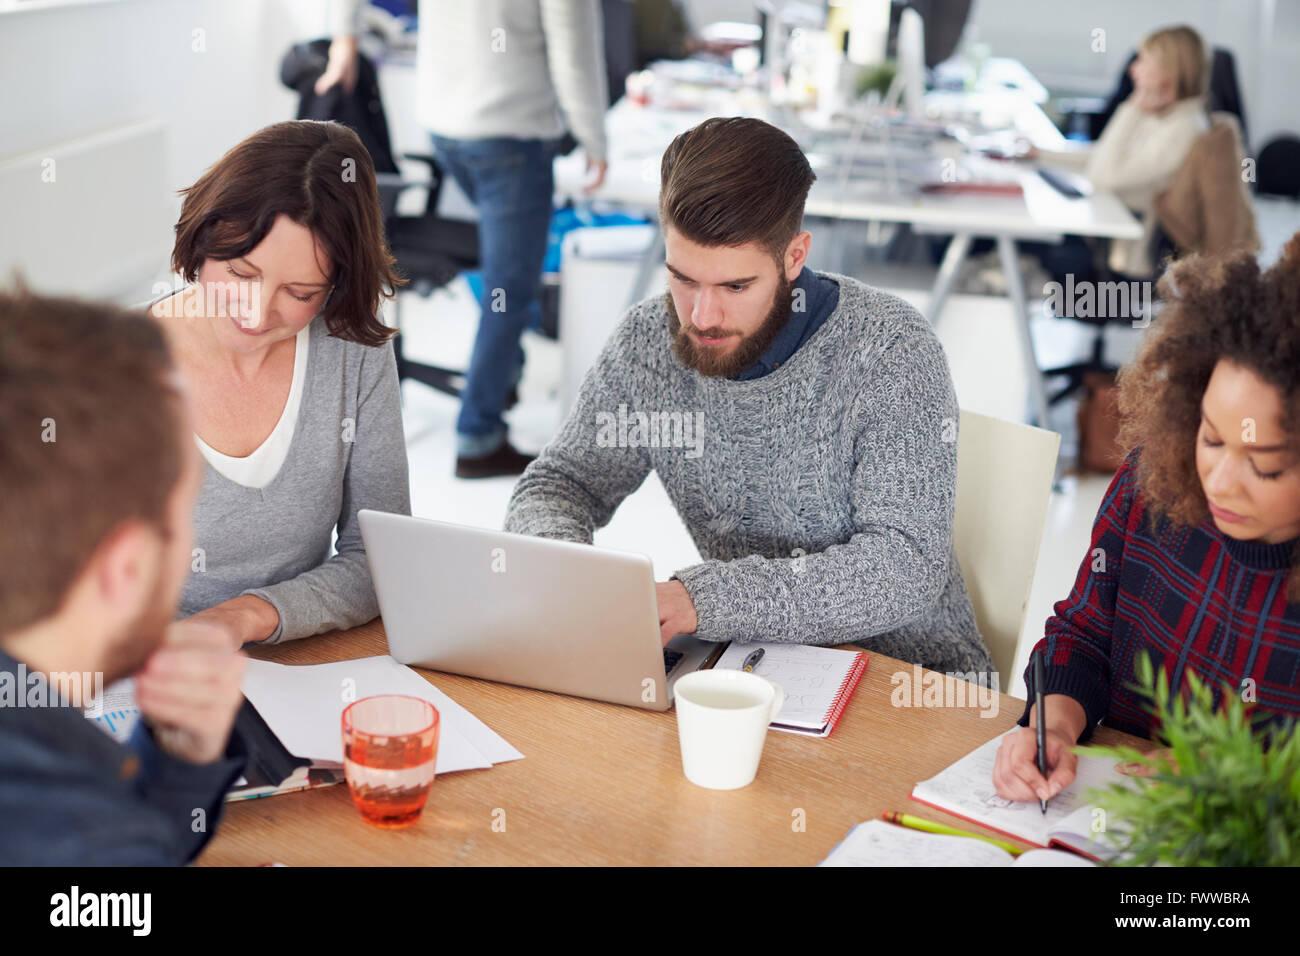 Un alto ángulo de visualización de reunión de negocios en la moderna oficina ajetreada Imagen De Stock